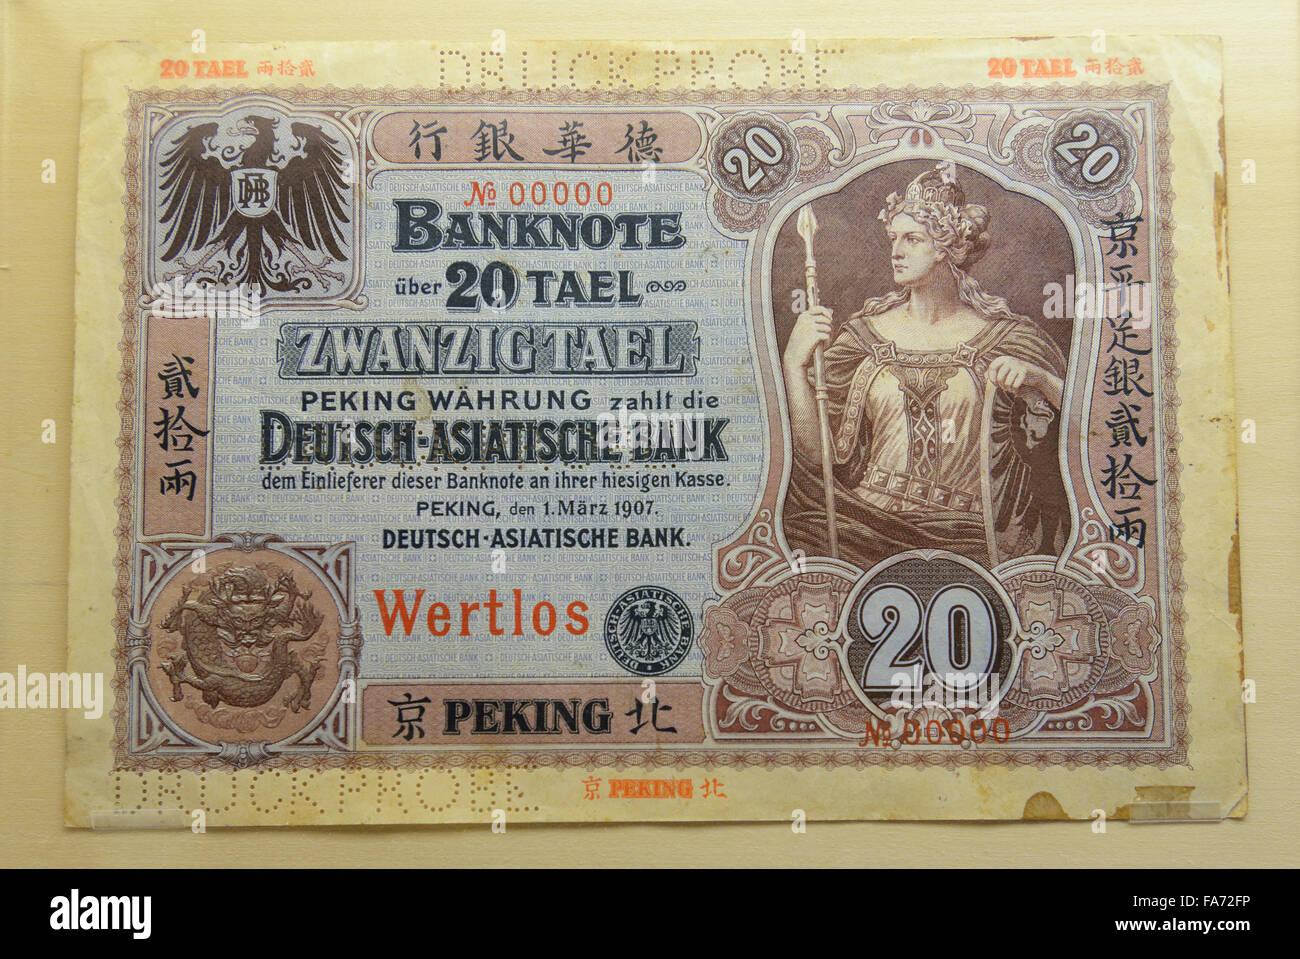 20 Tael, Banknote Deutsch-Asiatische Bank. 1907. Shanghai Museum. - Stock Image